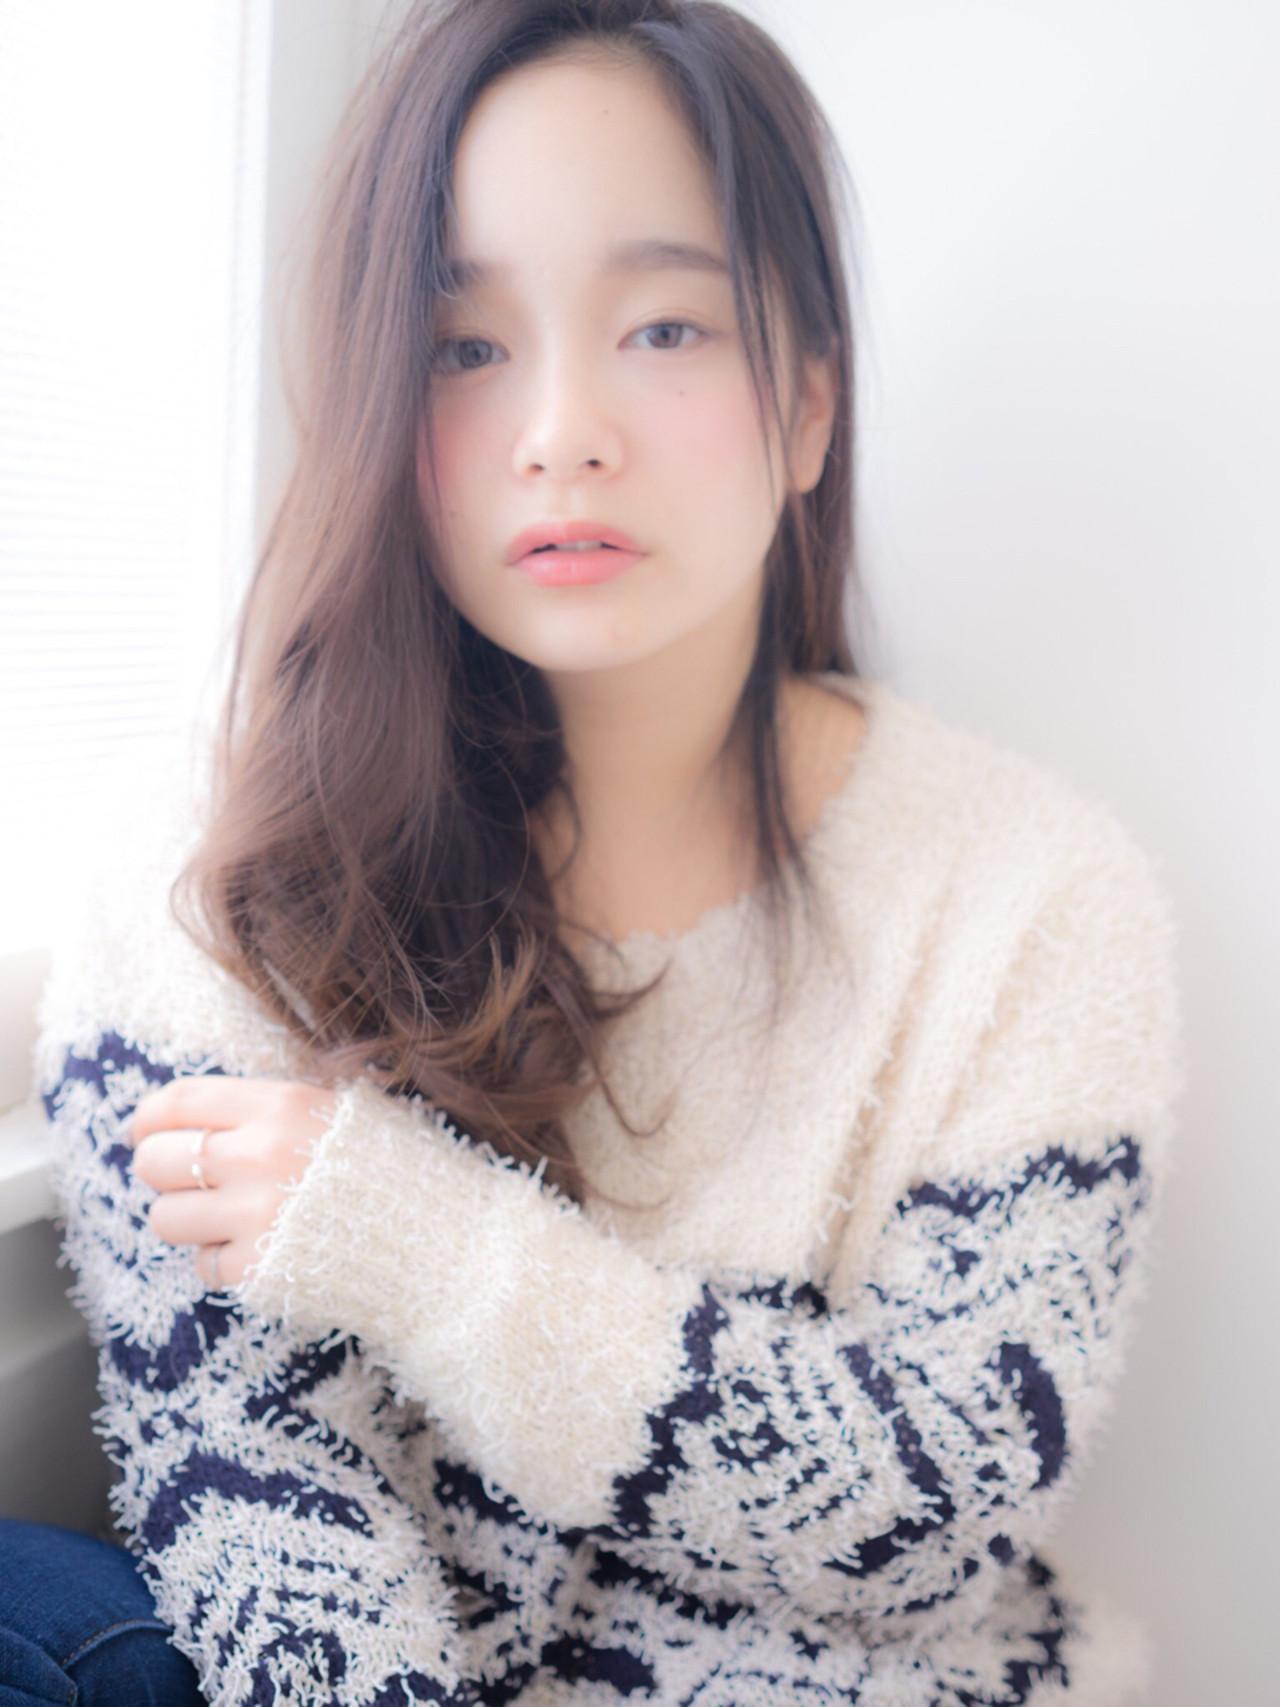 セミロング 大人かわいい 抜け感 パーマ ヘアスタイルや髪型の写真・画像 | 定野 桃子 /